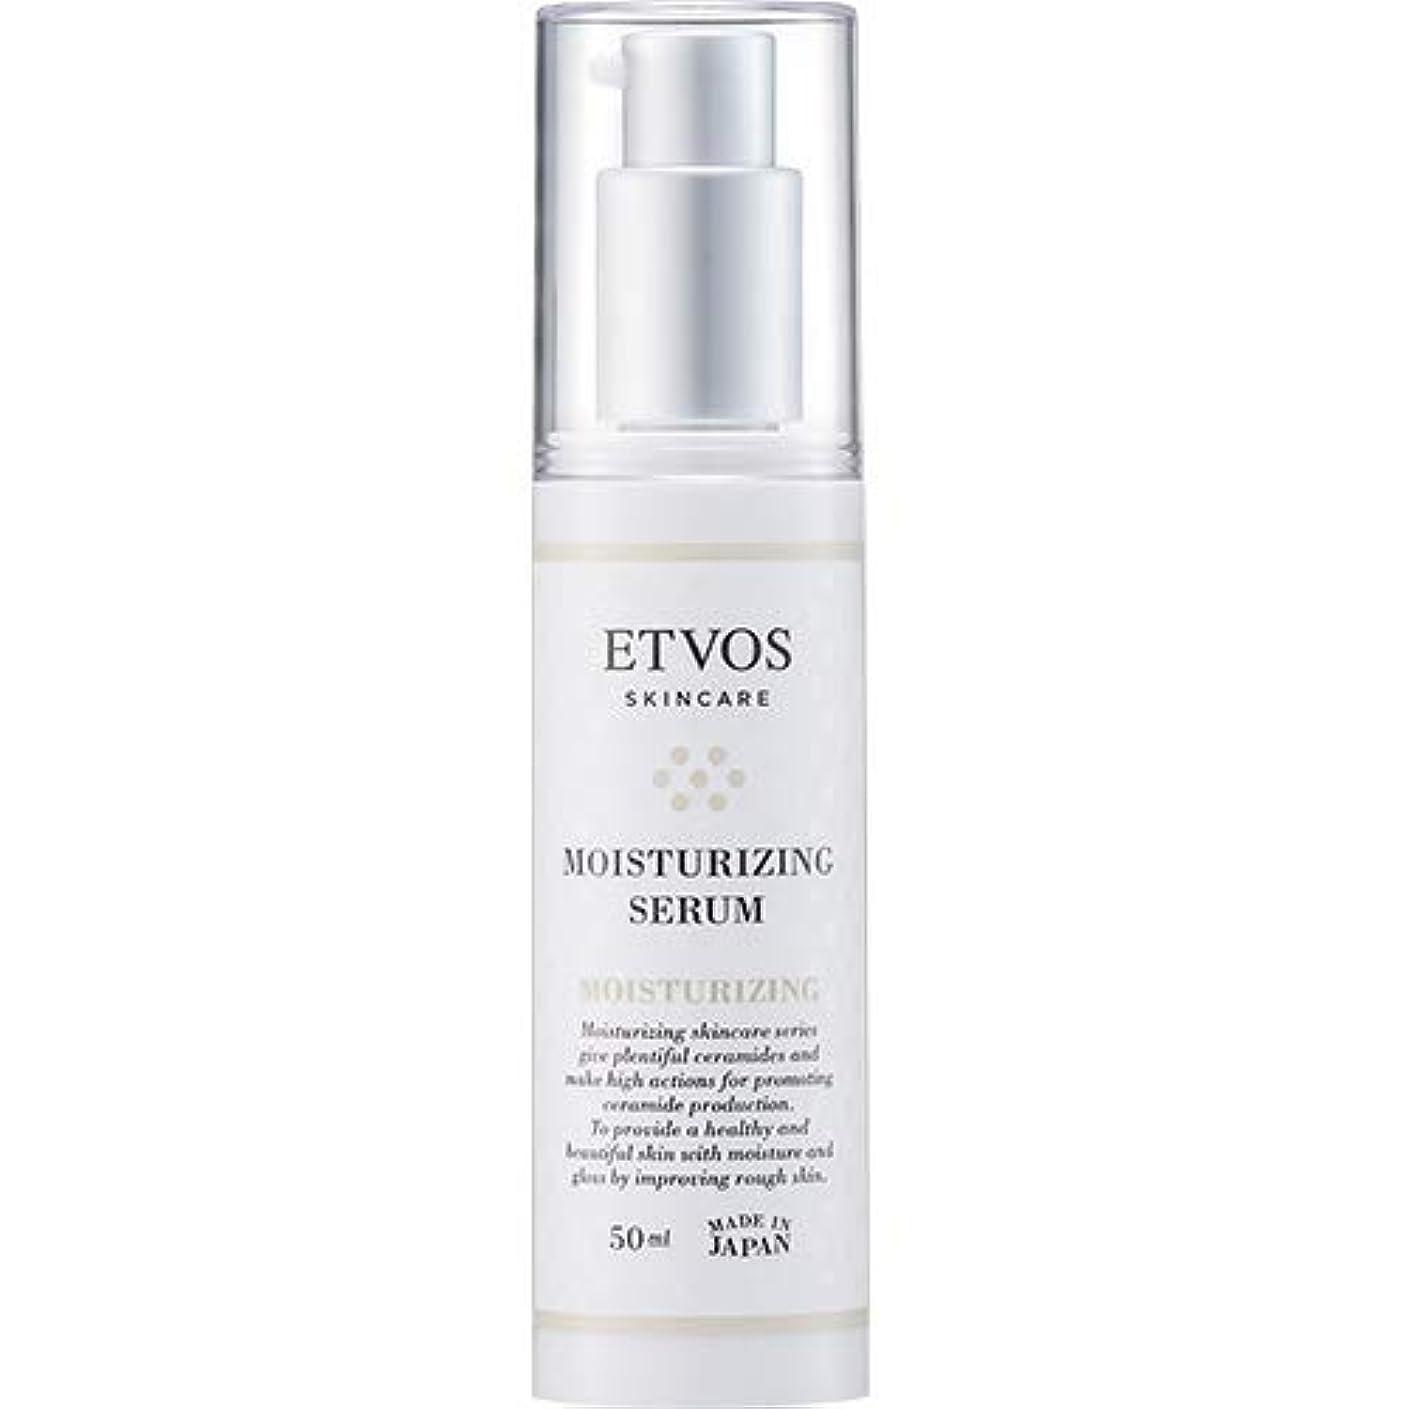 里親犯す上ETVOS(エトヴォス) 保湿美容液 モイスチャライジングセラム 50ml ヒト型セラミド配合 乾燥肌/敏感肌 乳液